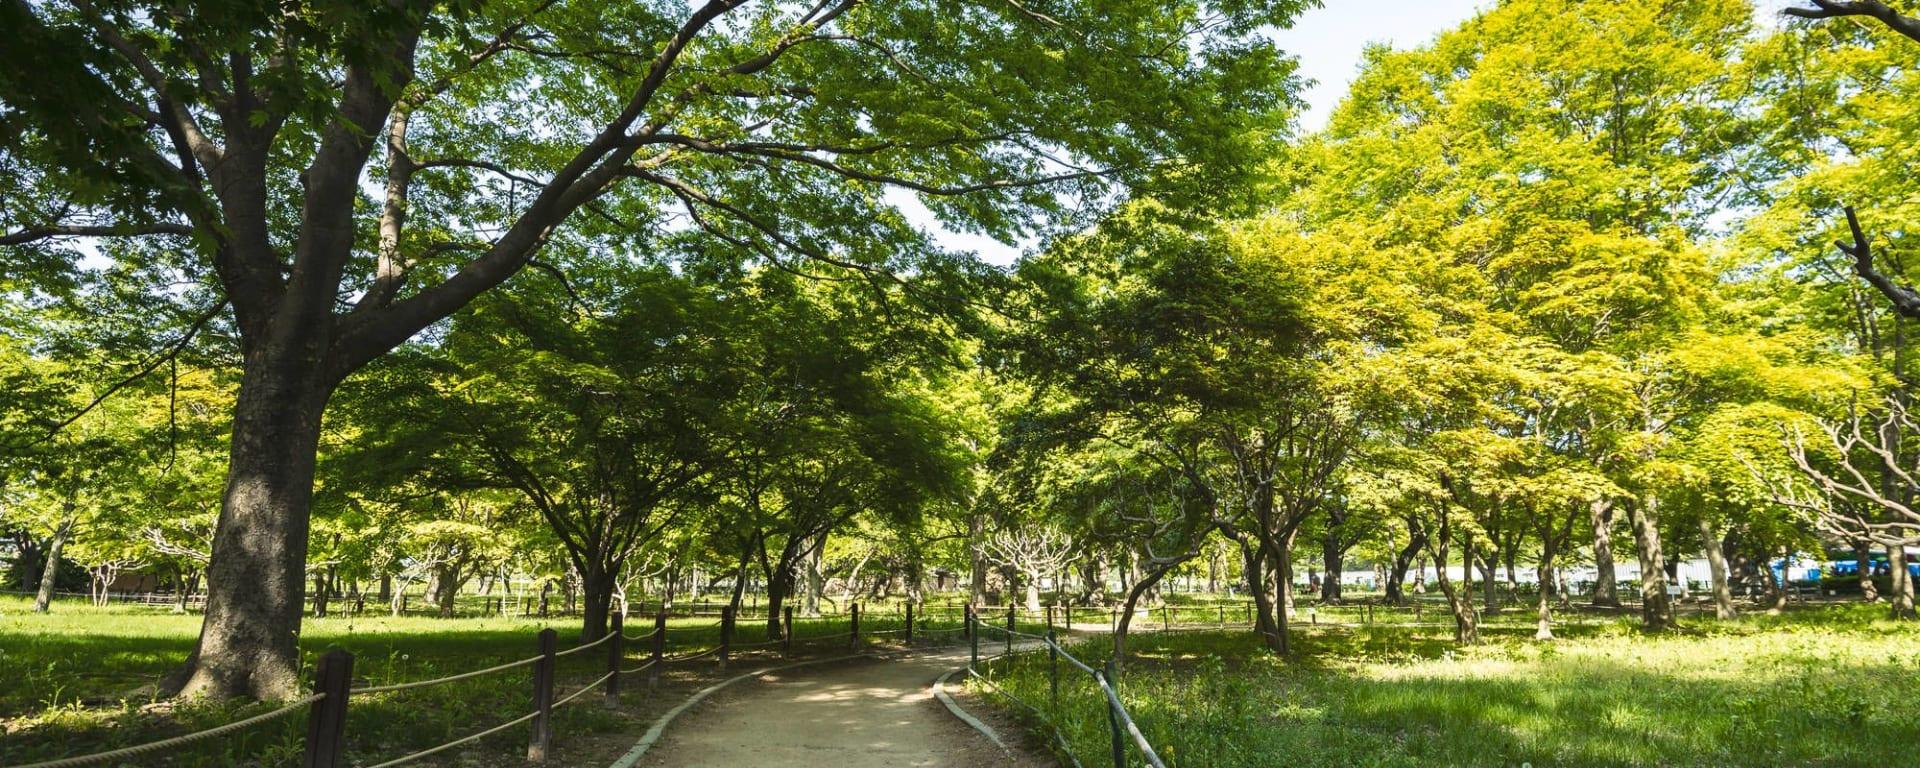 Découverte active de la Corée du Sud de Séoul: Gyeongju Gyerim forest